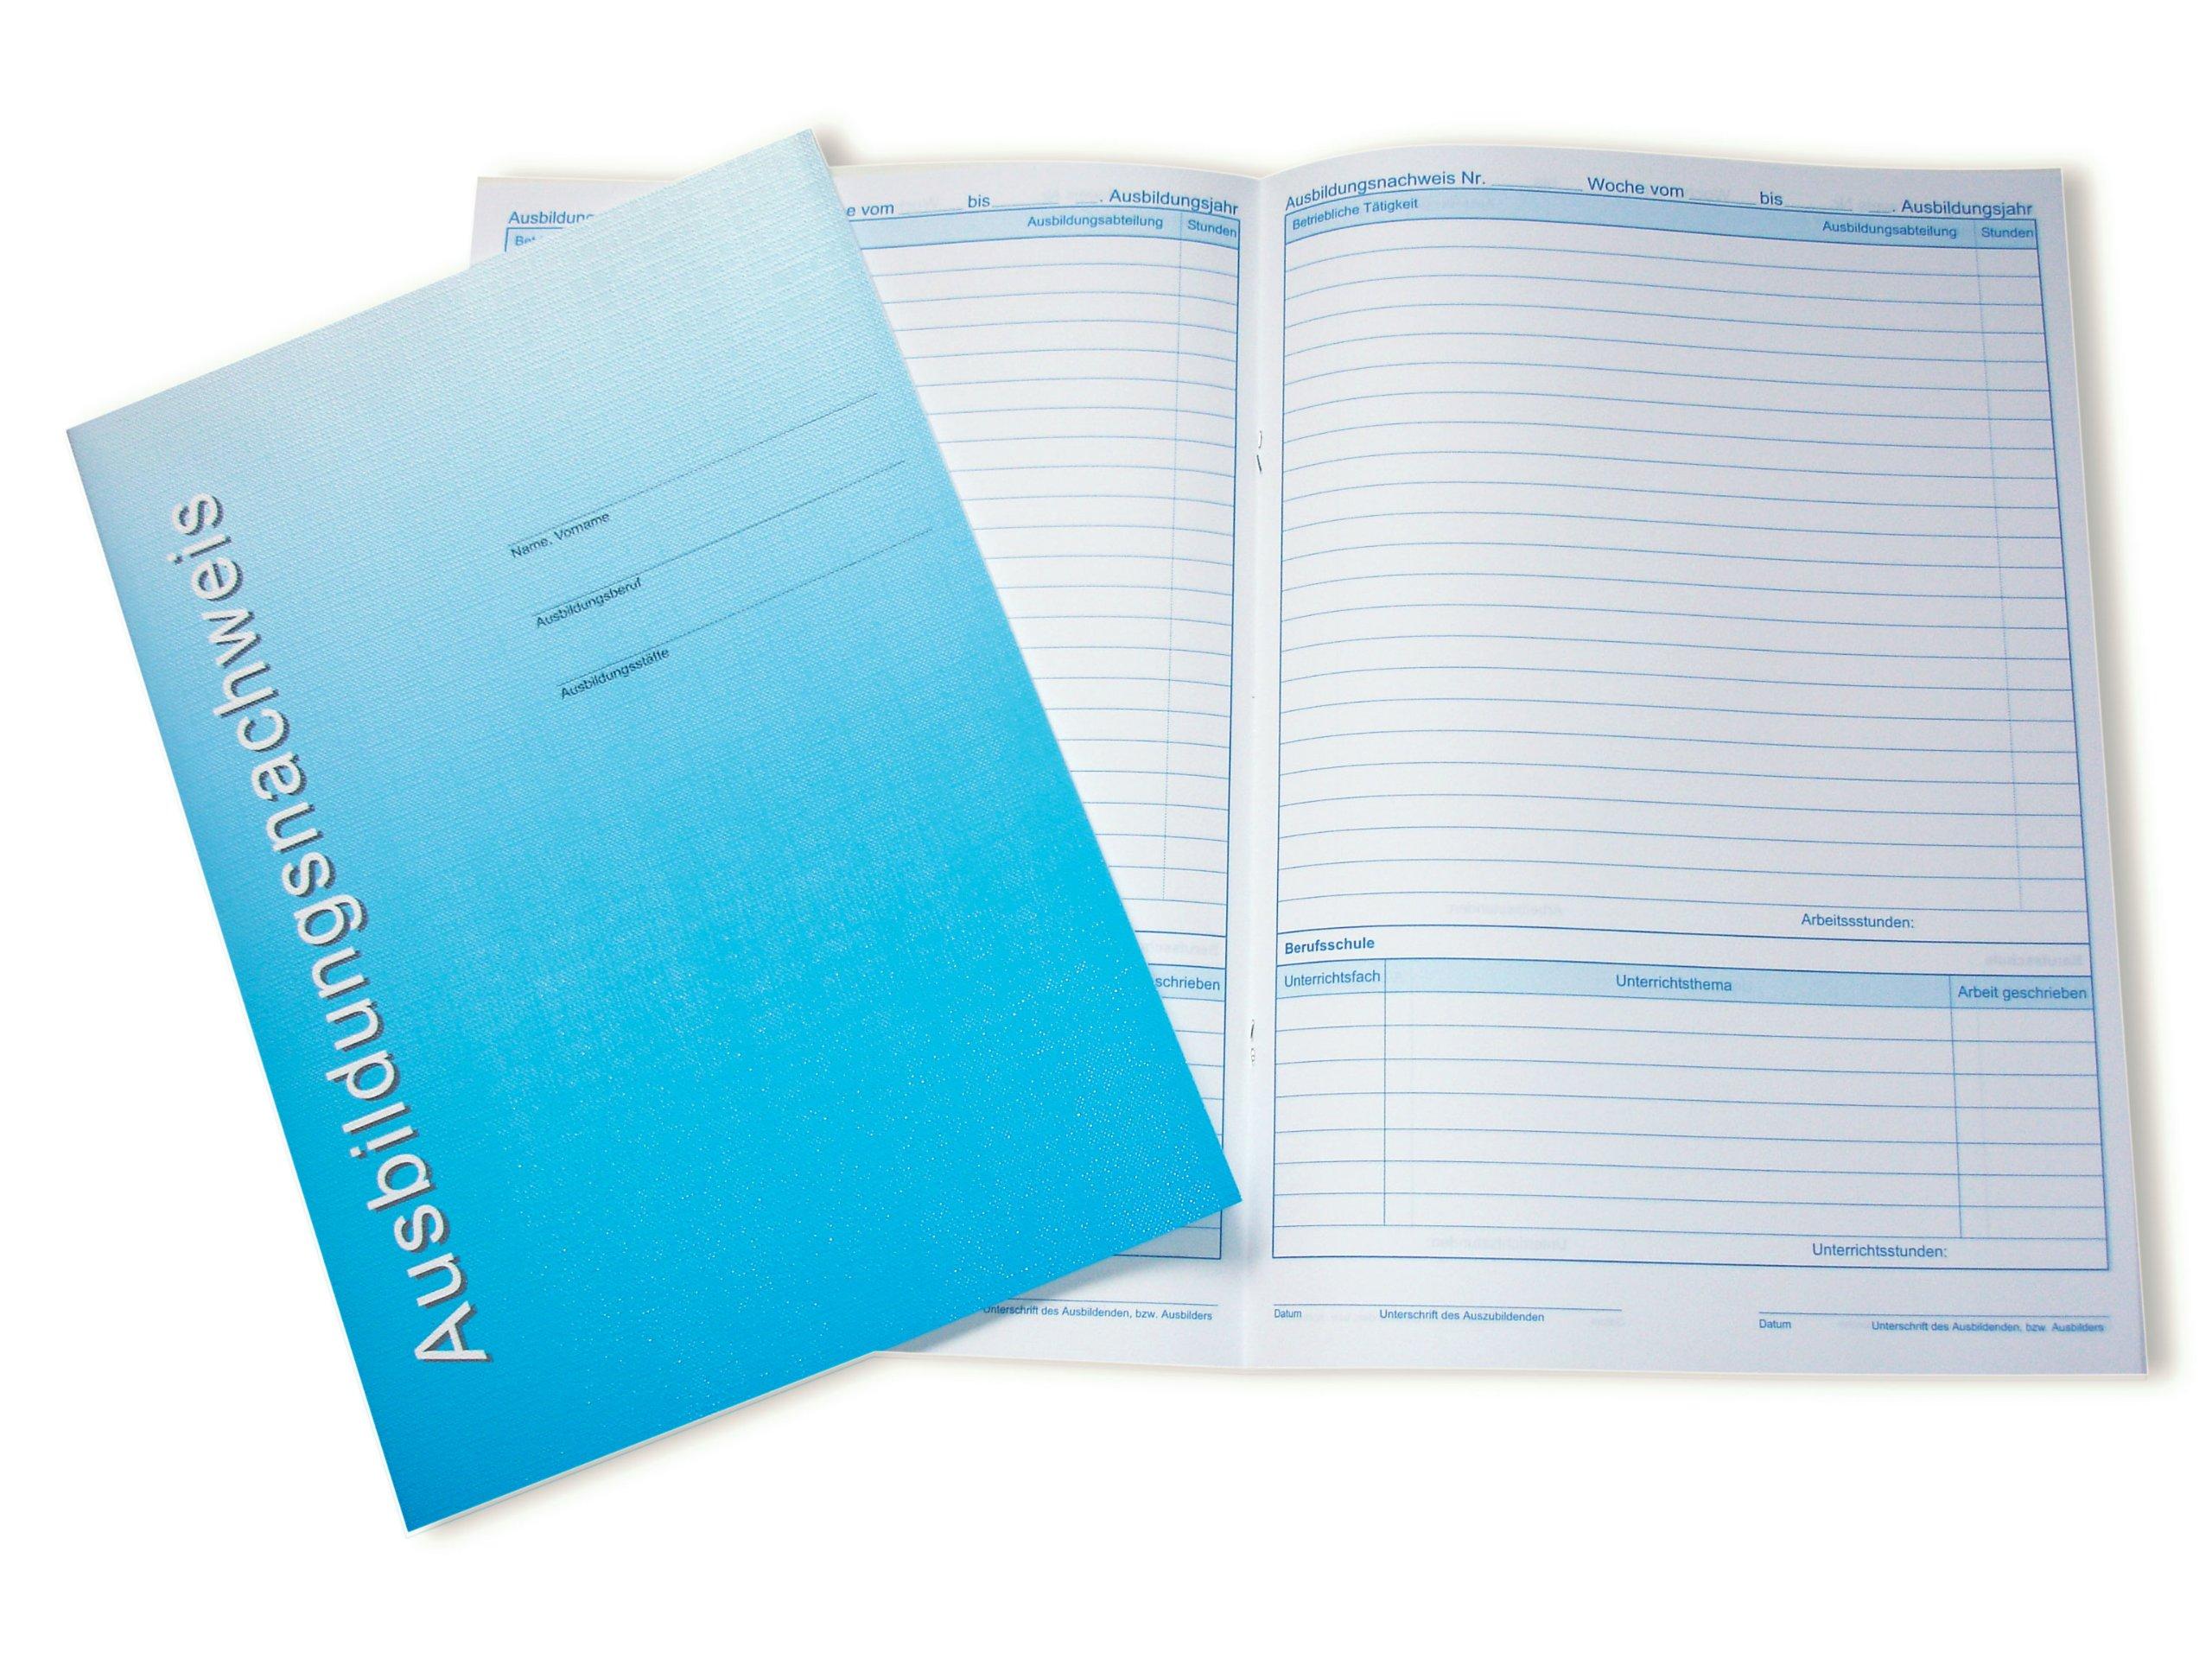 Berichtsheft / Ausbildungsnachweisheft wöchentliche Berichte